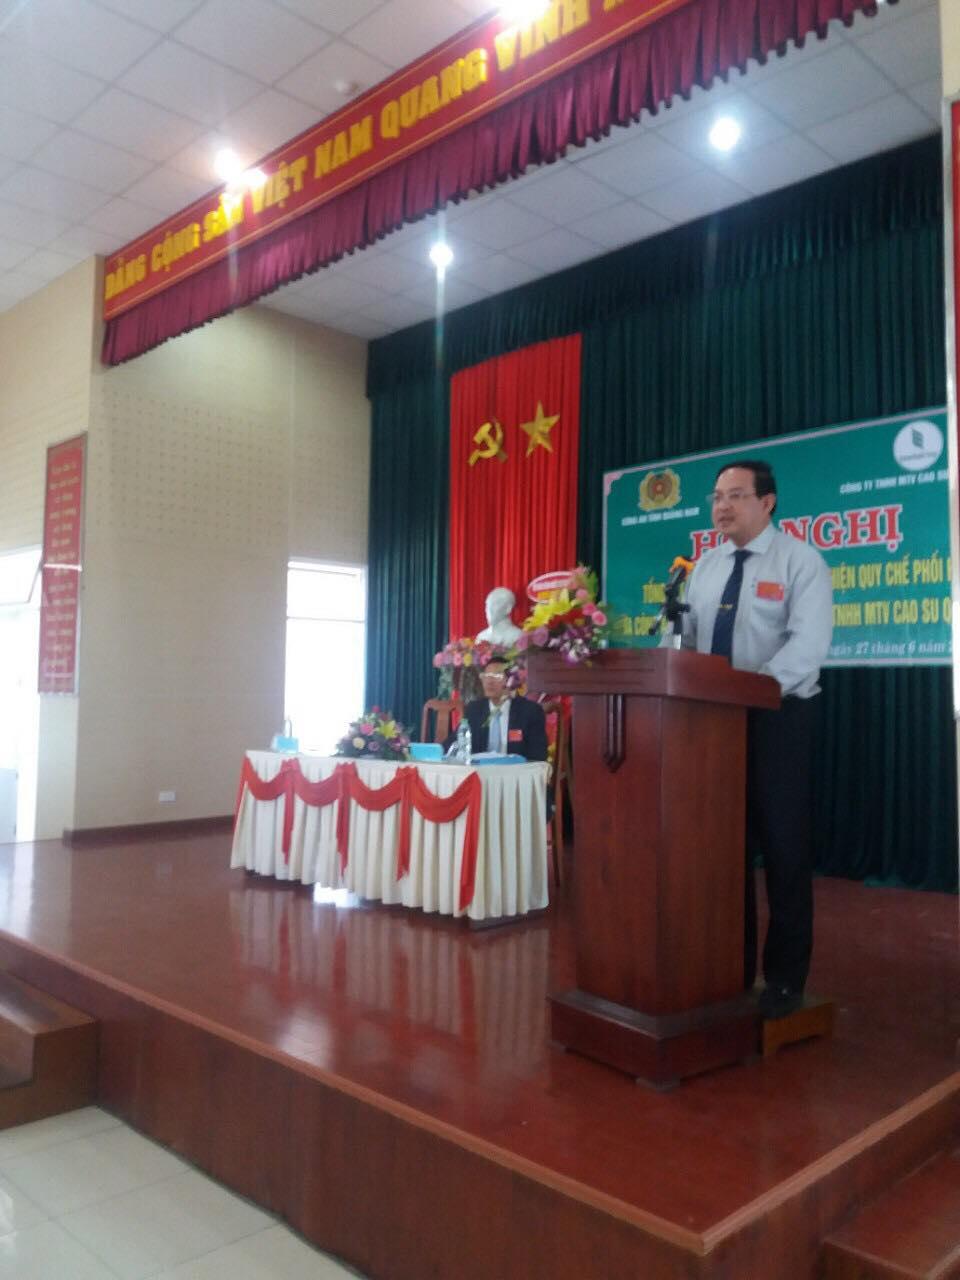 Đồng chí Trương Minh Trung - Phó Tổng Giám đốc Tập đoàn phát biểu tại Hội nghị